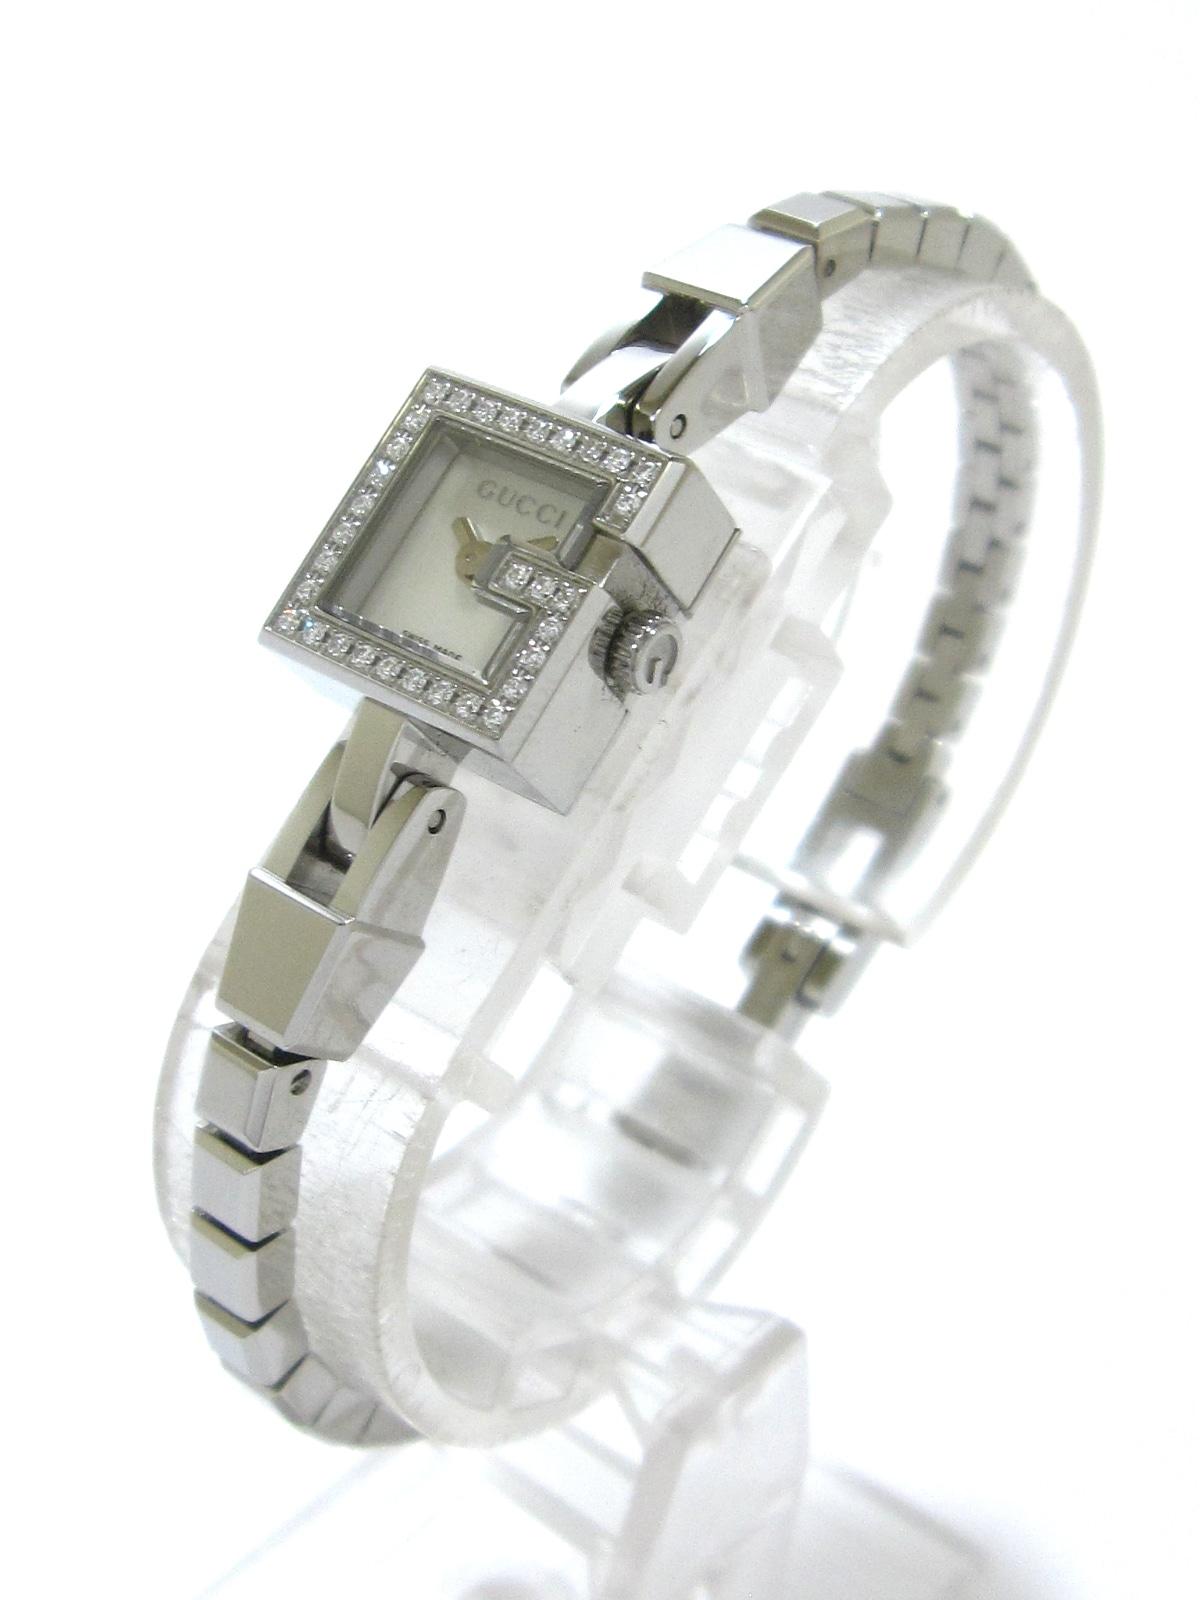 9d2da36d43c GUCCI(グッチ) 腕時計 型番102 YA102541の買取実績 18886835 の買取 ...